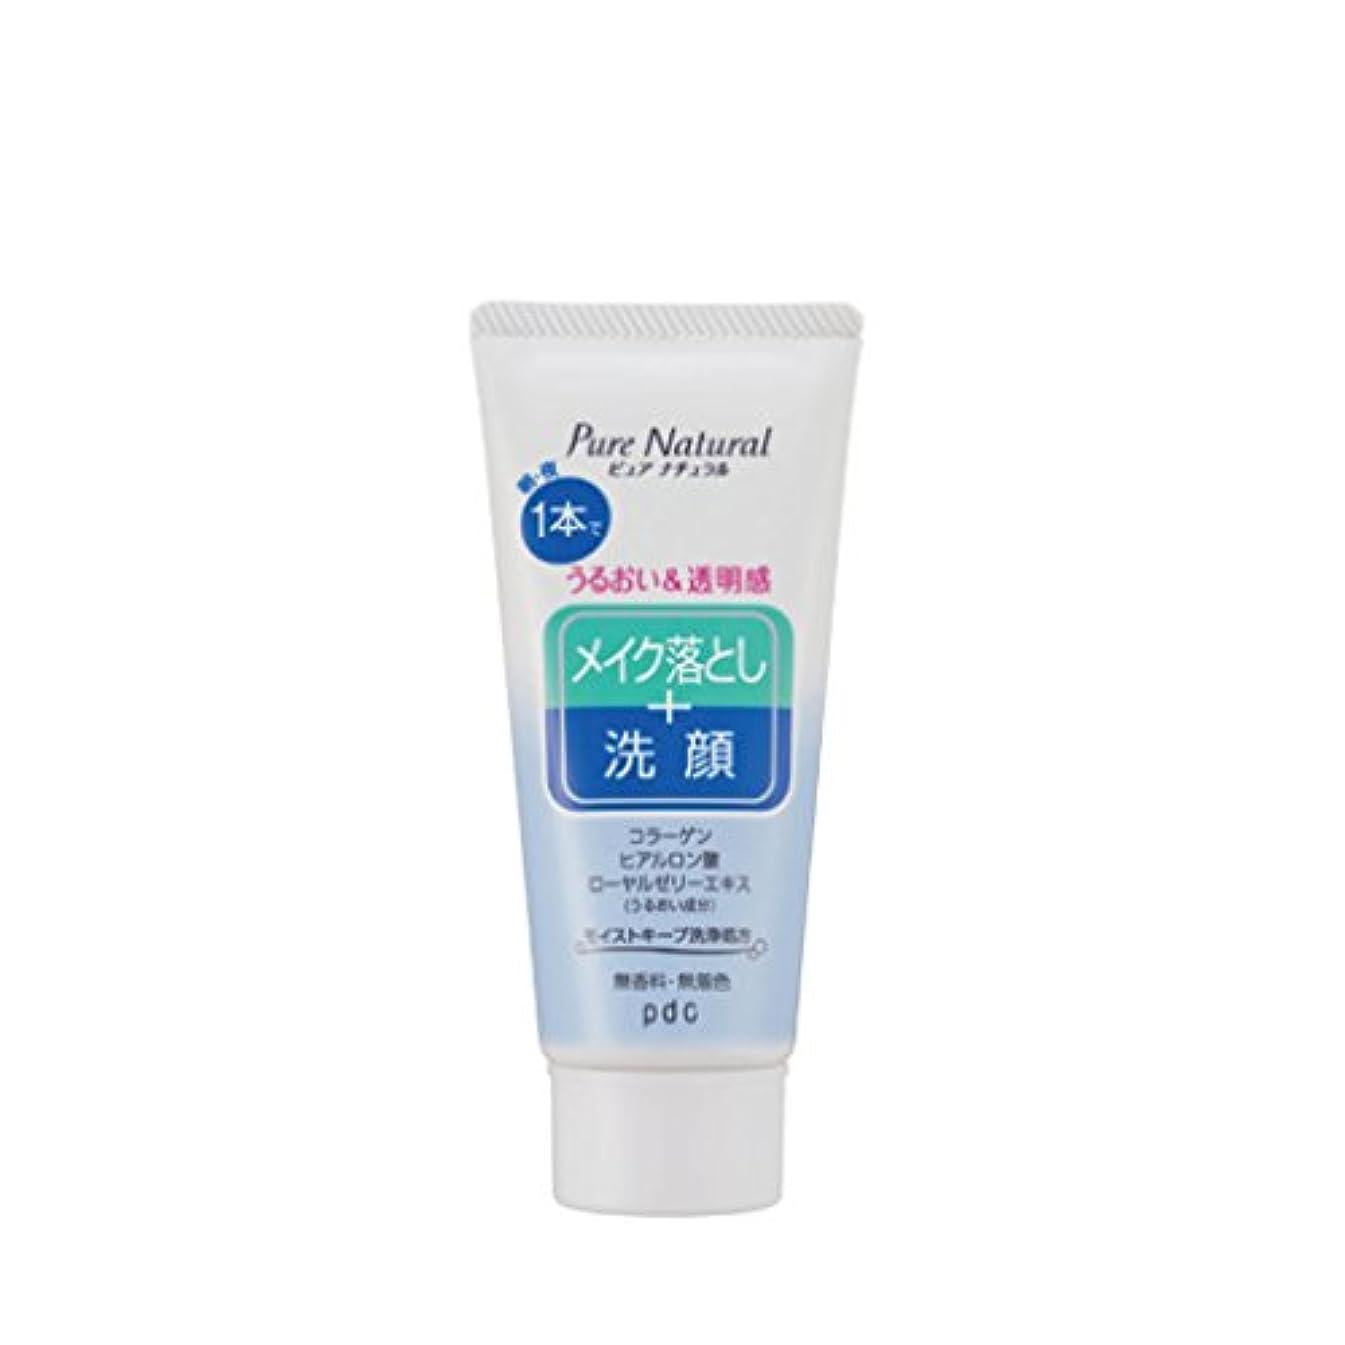 柔和ゴールド借りるPure NATURAL(ピュアナチュラル) クレンジング洗顔 (ミニサイズ) 70g